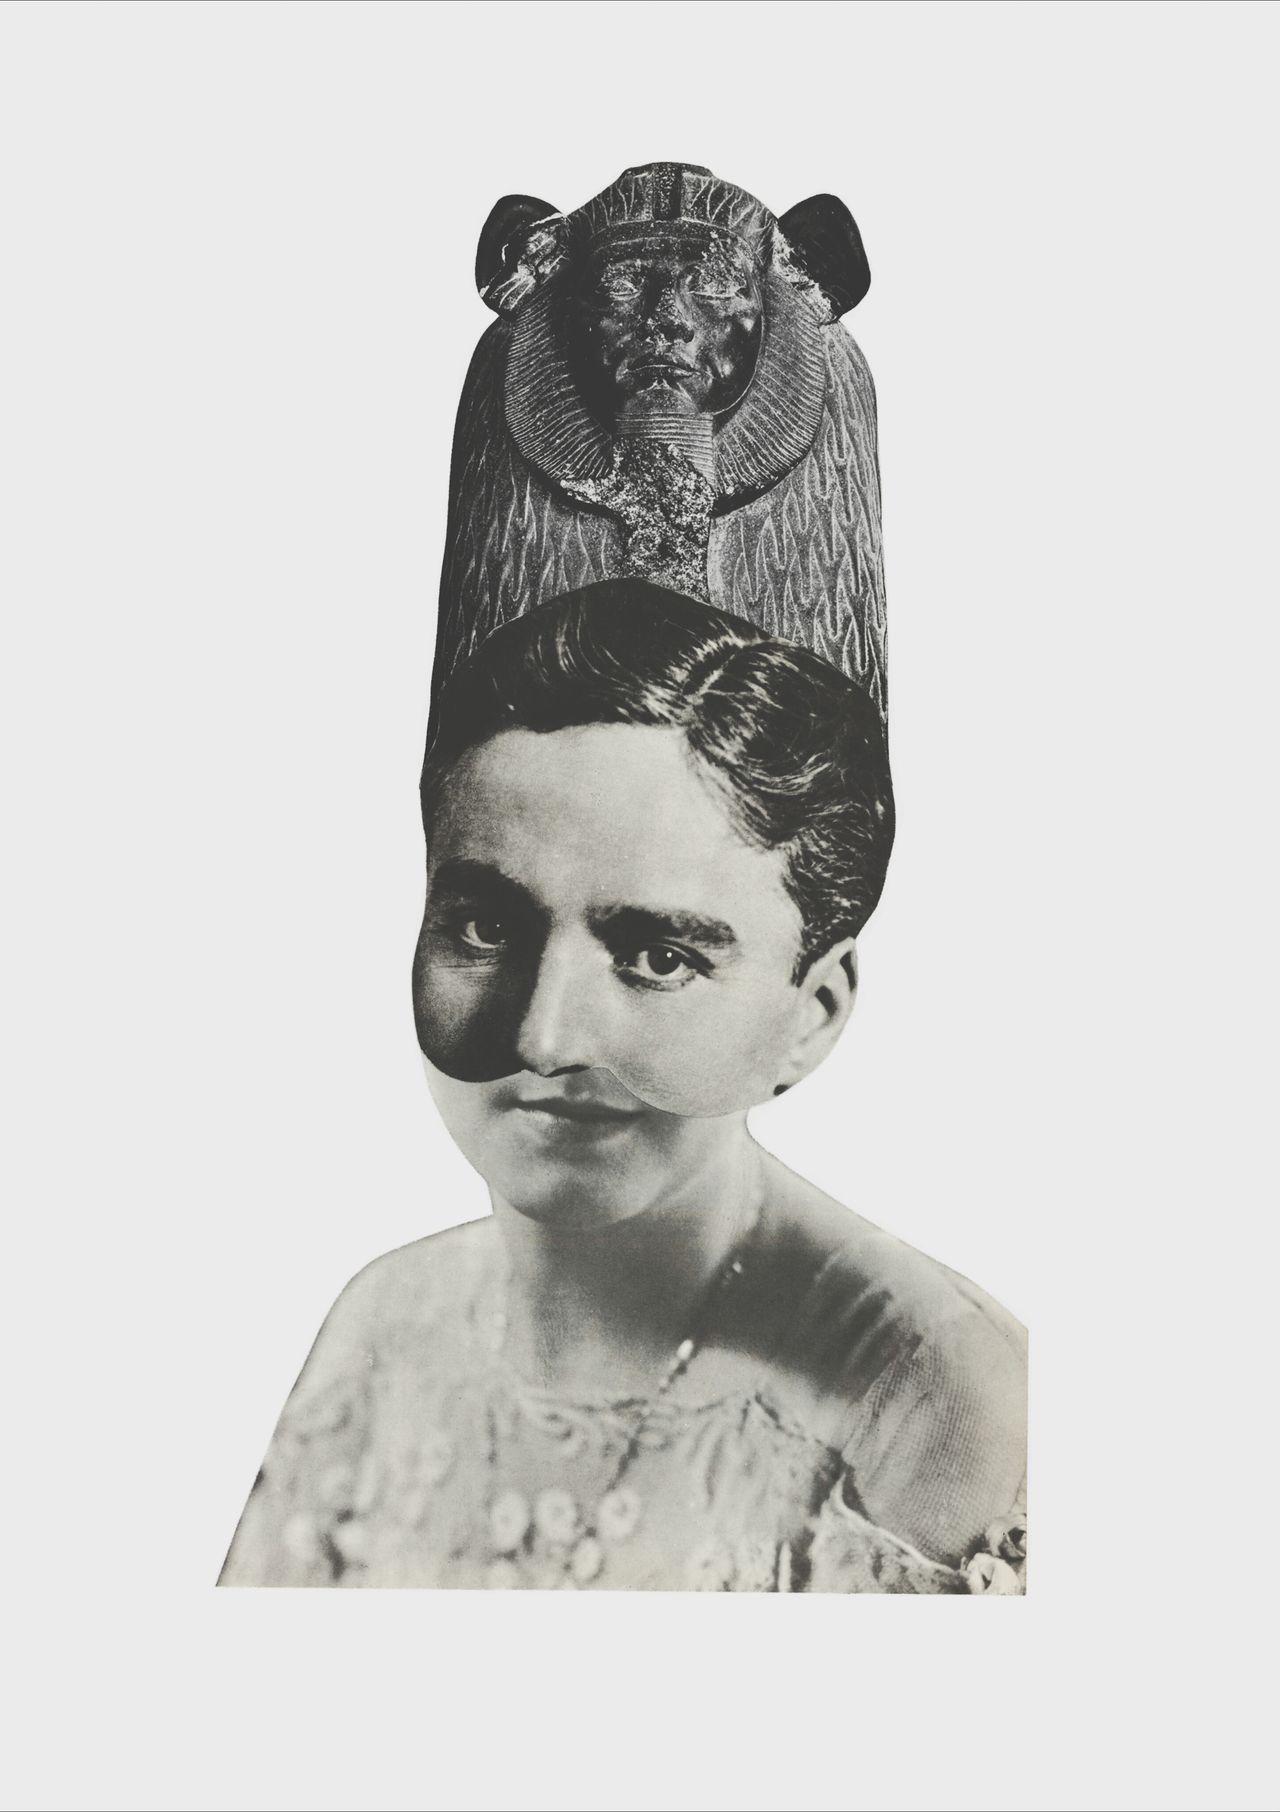 Collage Portrait Monochrome Vintage